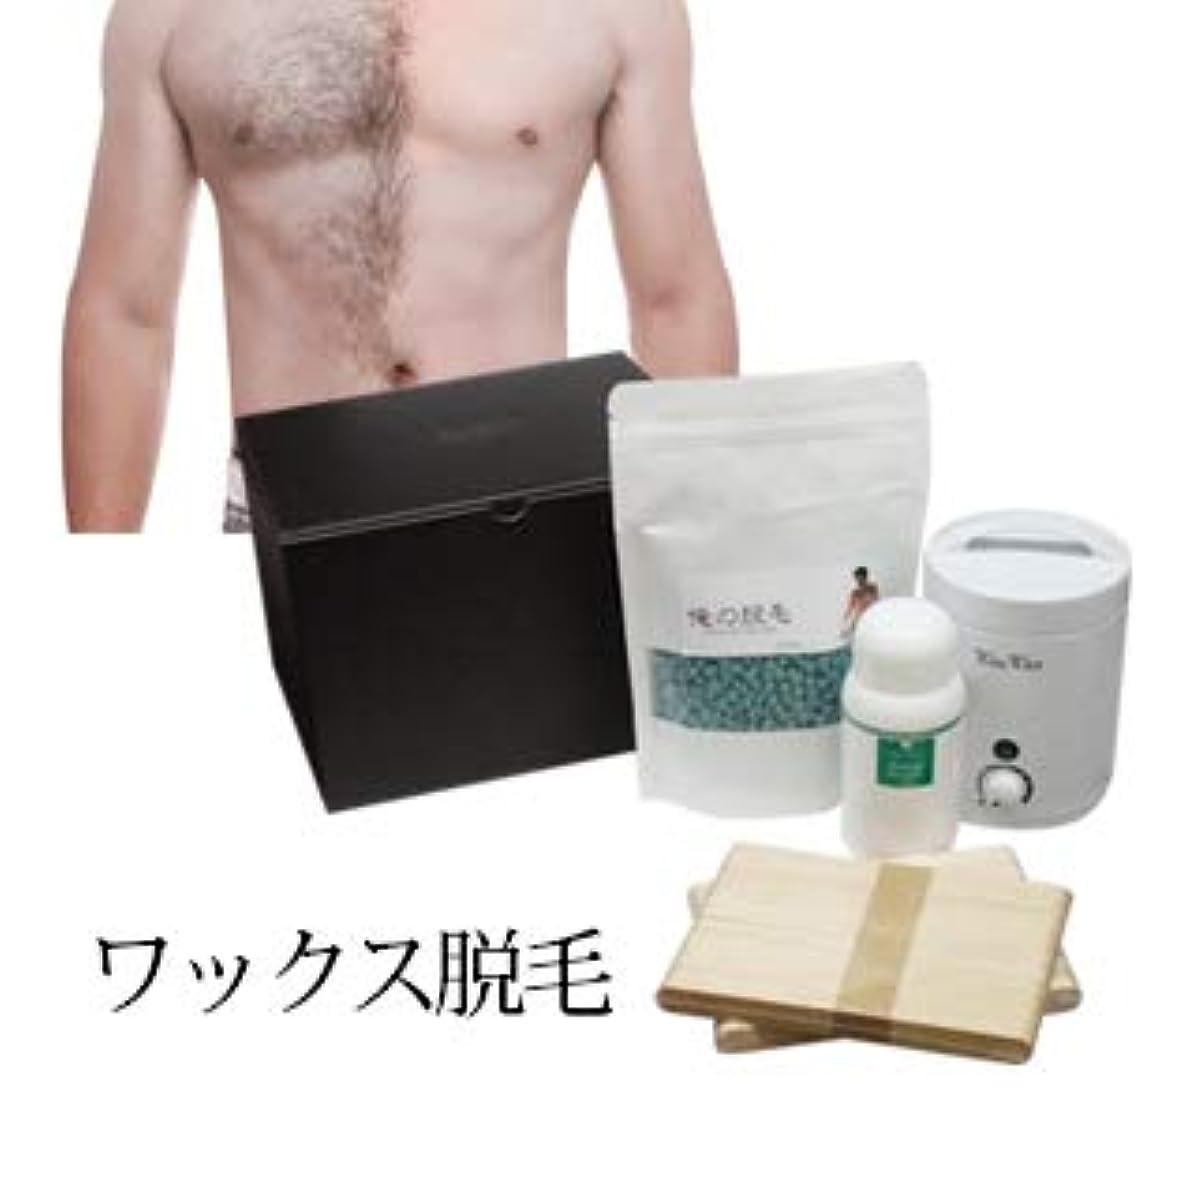 適応ヘビービスケット【メンズ 俺の脱毛】WaxWax ワックス脱毛キット